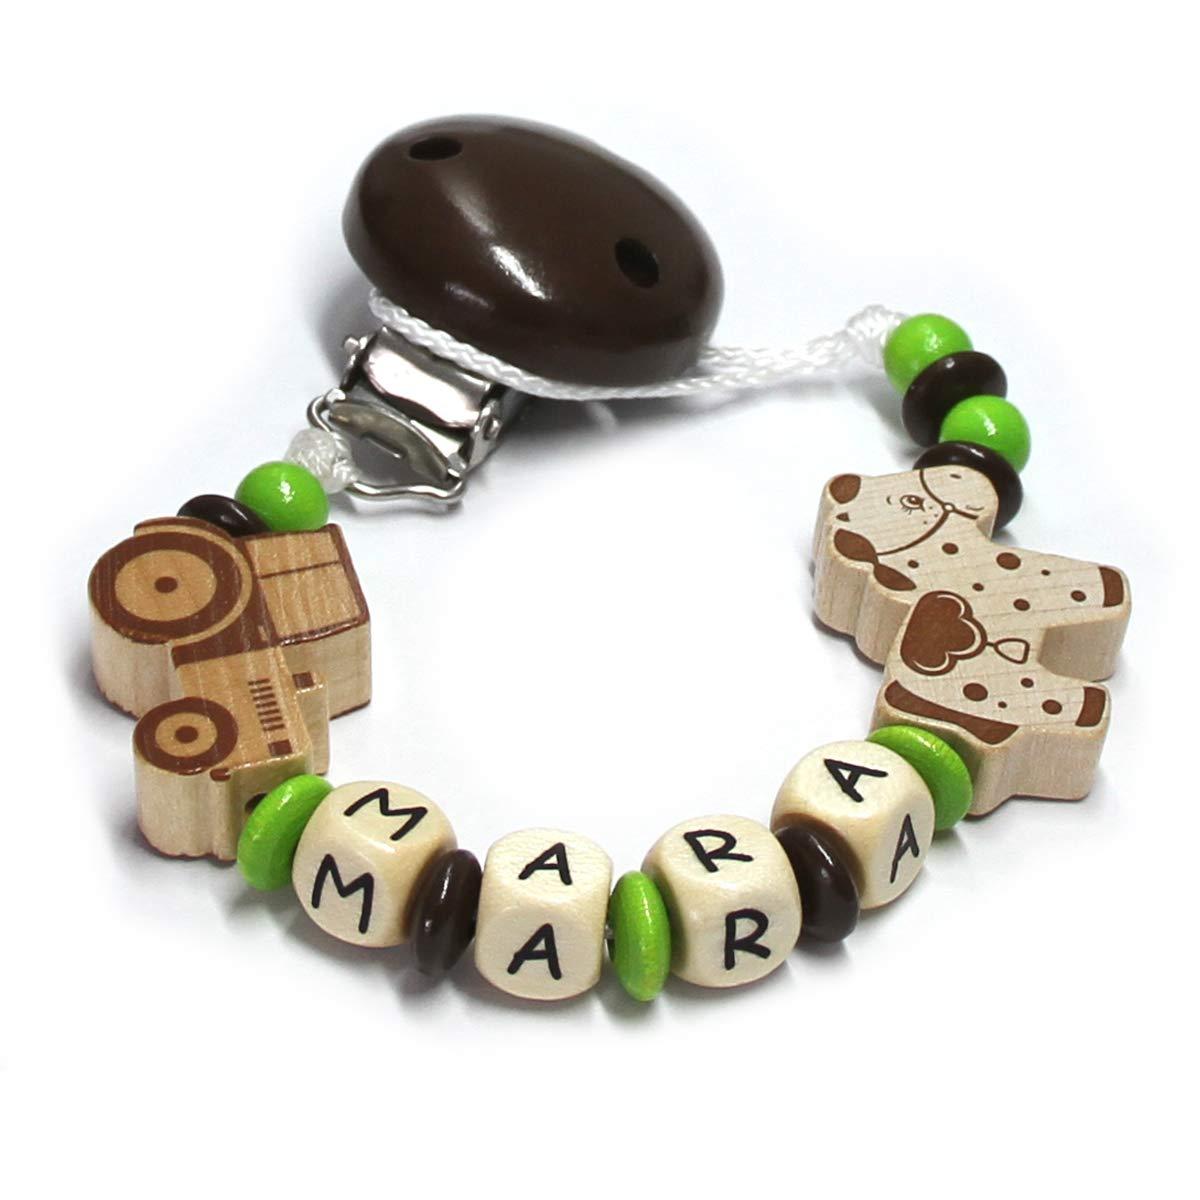 Baby Schnullerkette mit Perlen aus Holz und Wunschname Traktor mit Pferd Mara